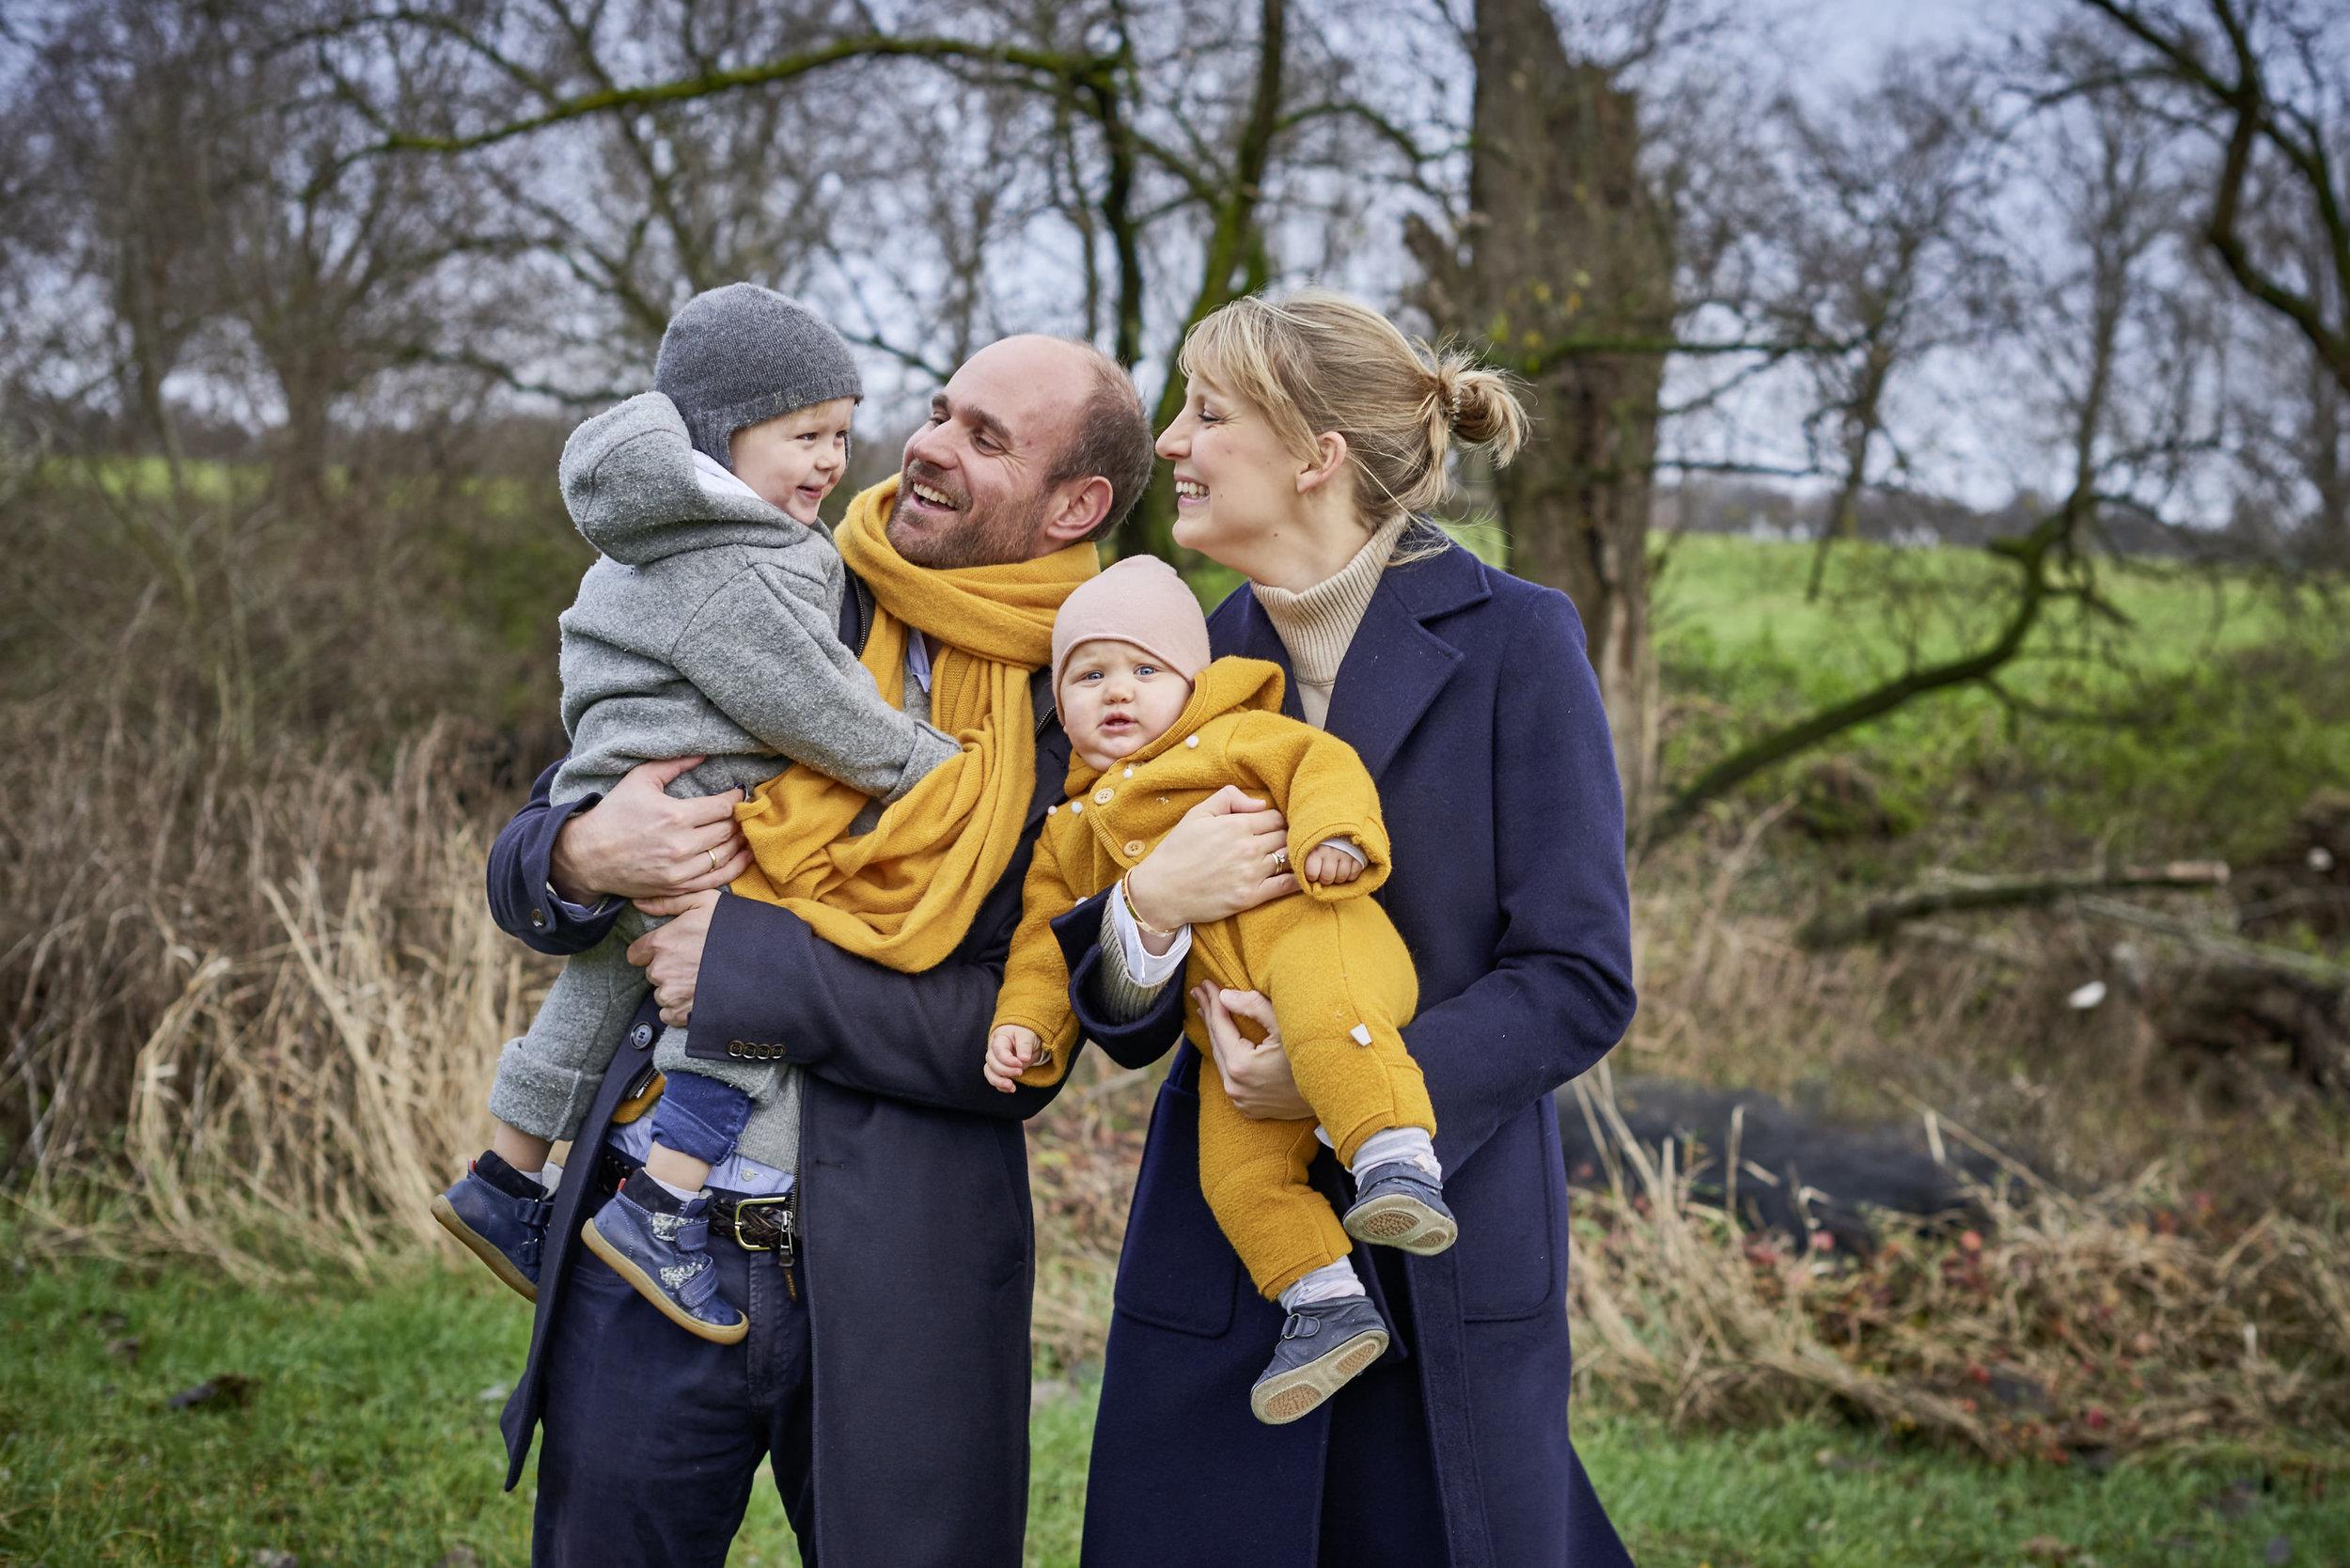 Familienbilder Outdoor